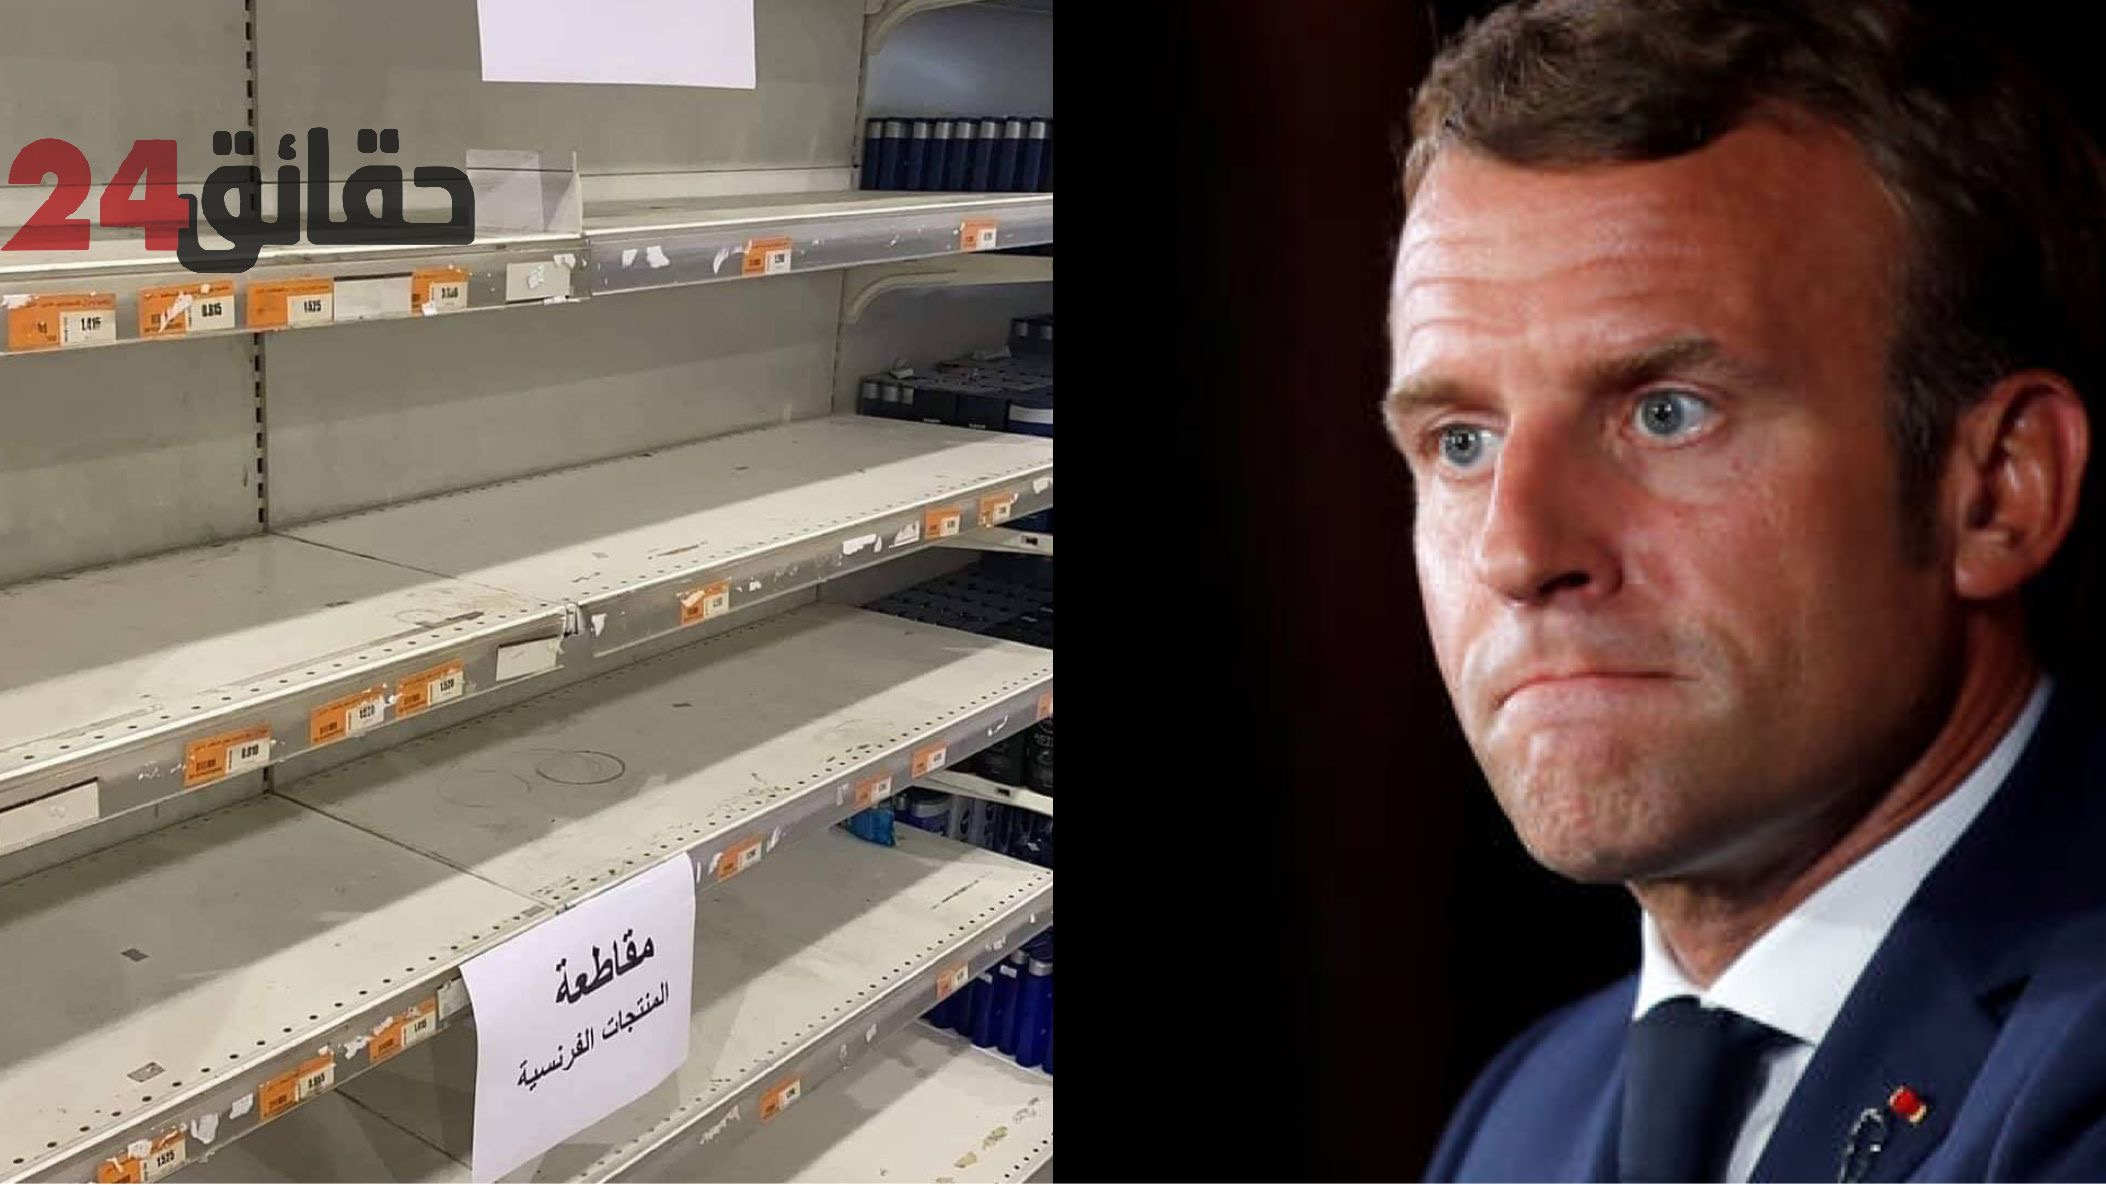 صورة ماكرون يتمسك بالرسوم المسيئة للرسول و مغاربة يدشنون حملة لمقاطعة المنتجات الفرنسية